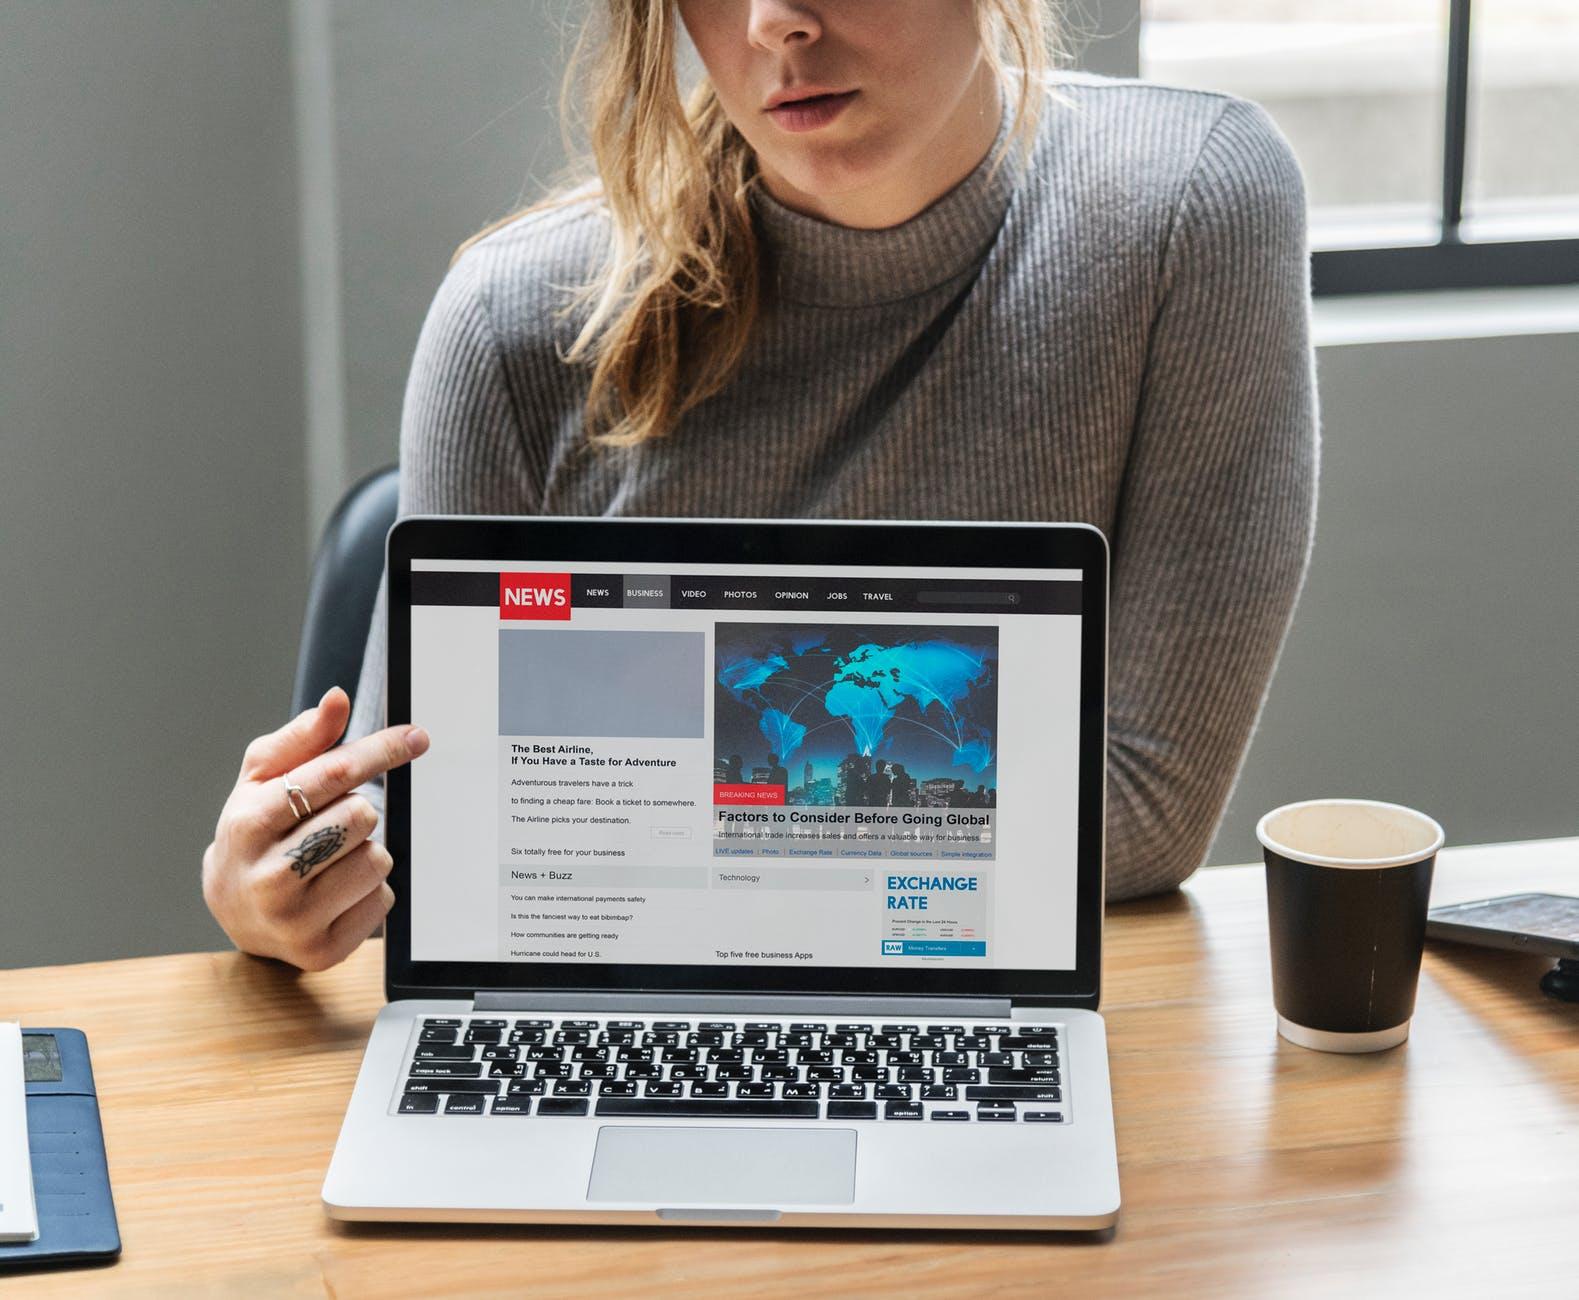 בדיקה של 3 פלטפורמות לקידום מודעות תוכן  - outbrain vs taboola ושחקן נוסף בשוק